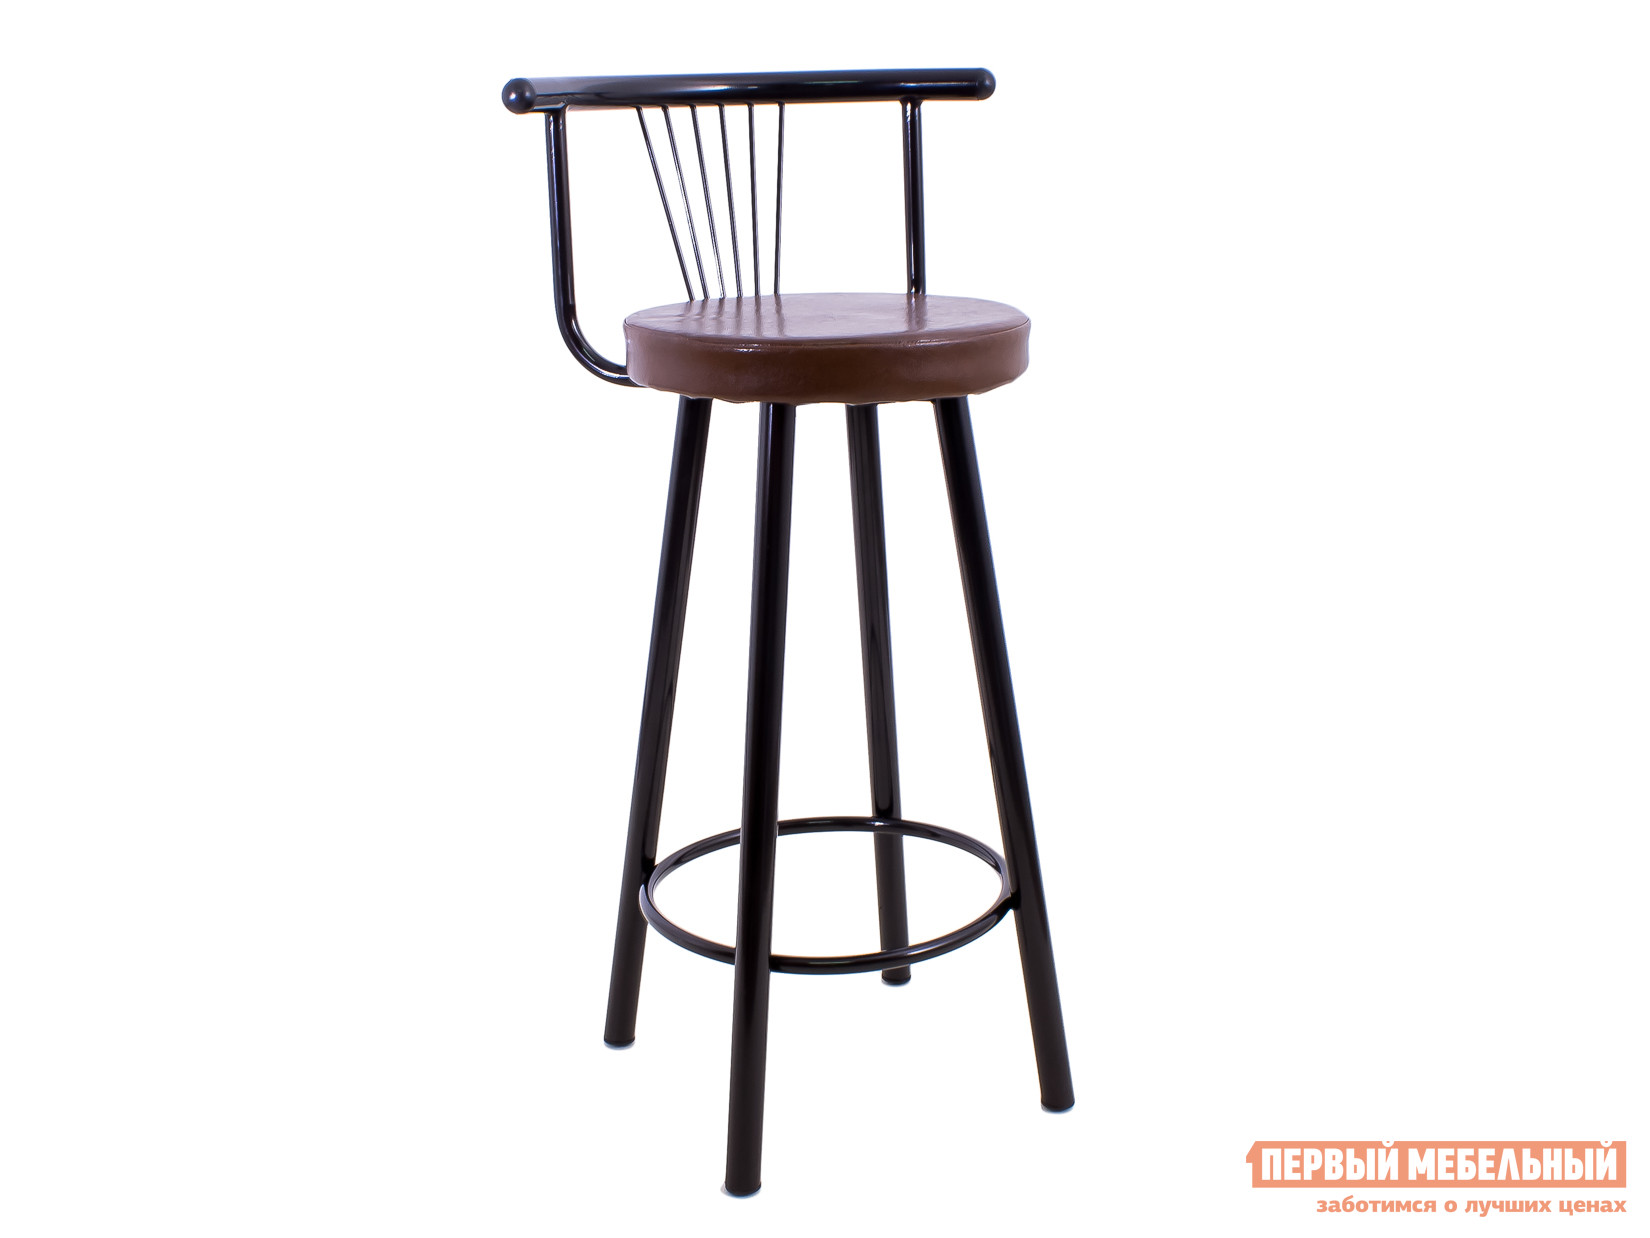 Барный стул Амис Барный Стиль Коричневый коралл